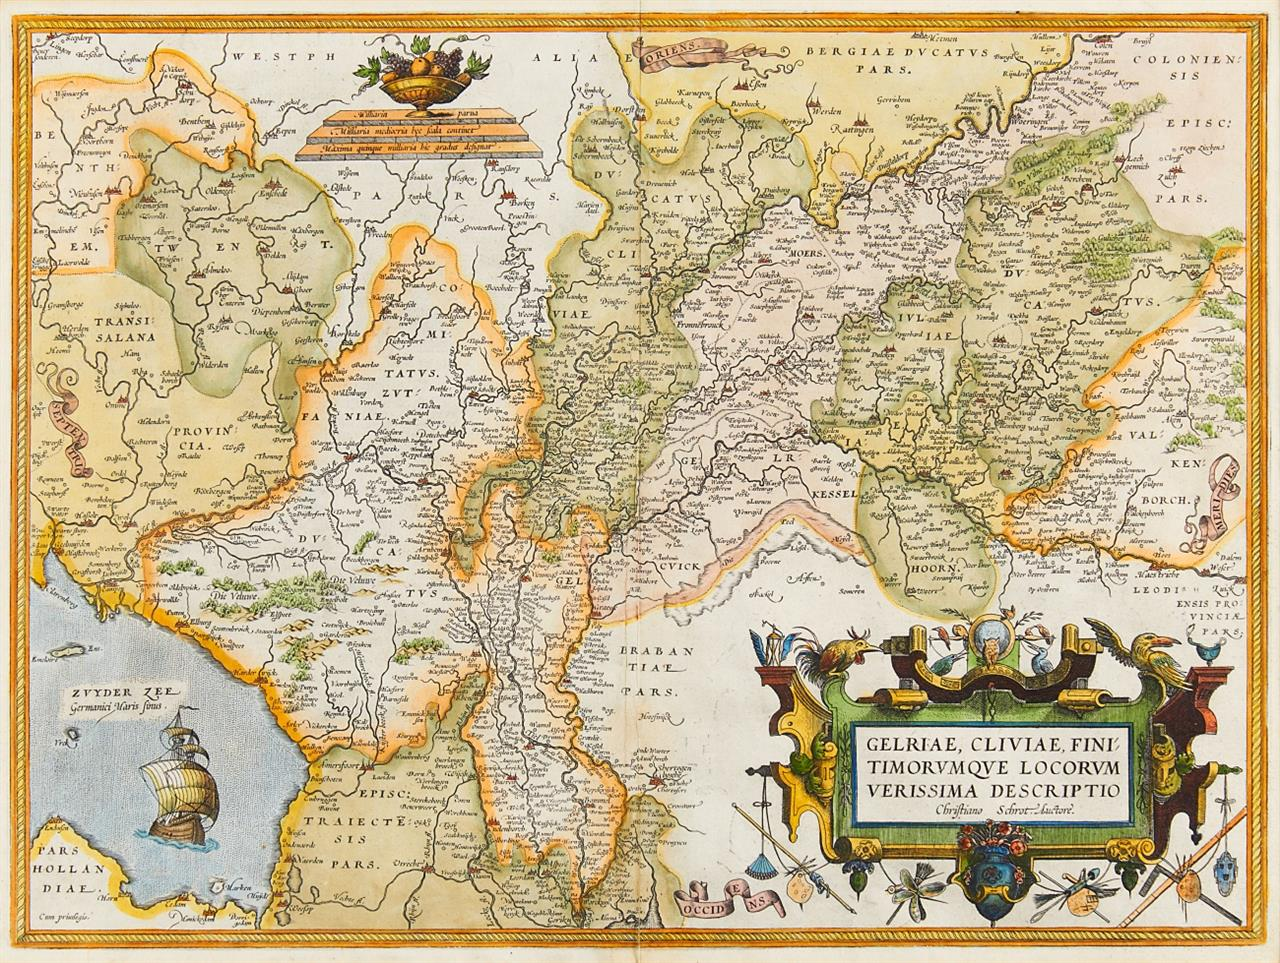 Gelriae, Cliviae Finitimorum Que Locorum Verissima Descriptio. Kolorierte Kupferstichkarte nach C. Schrot, bei Ortelius, um 1580. Dazu: Les Duchés de Cleves, bei Lotter, um 1750.